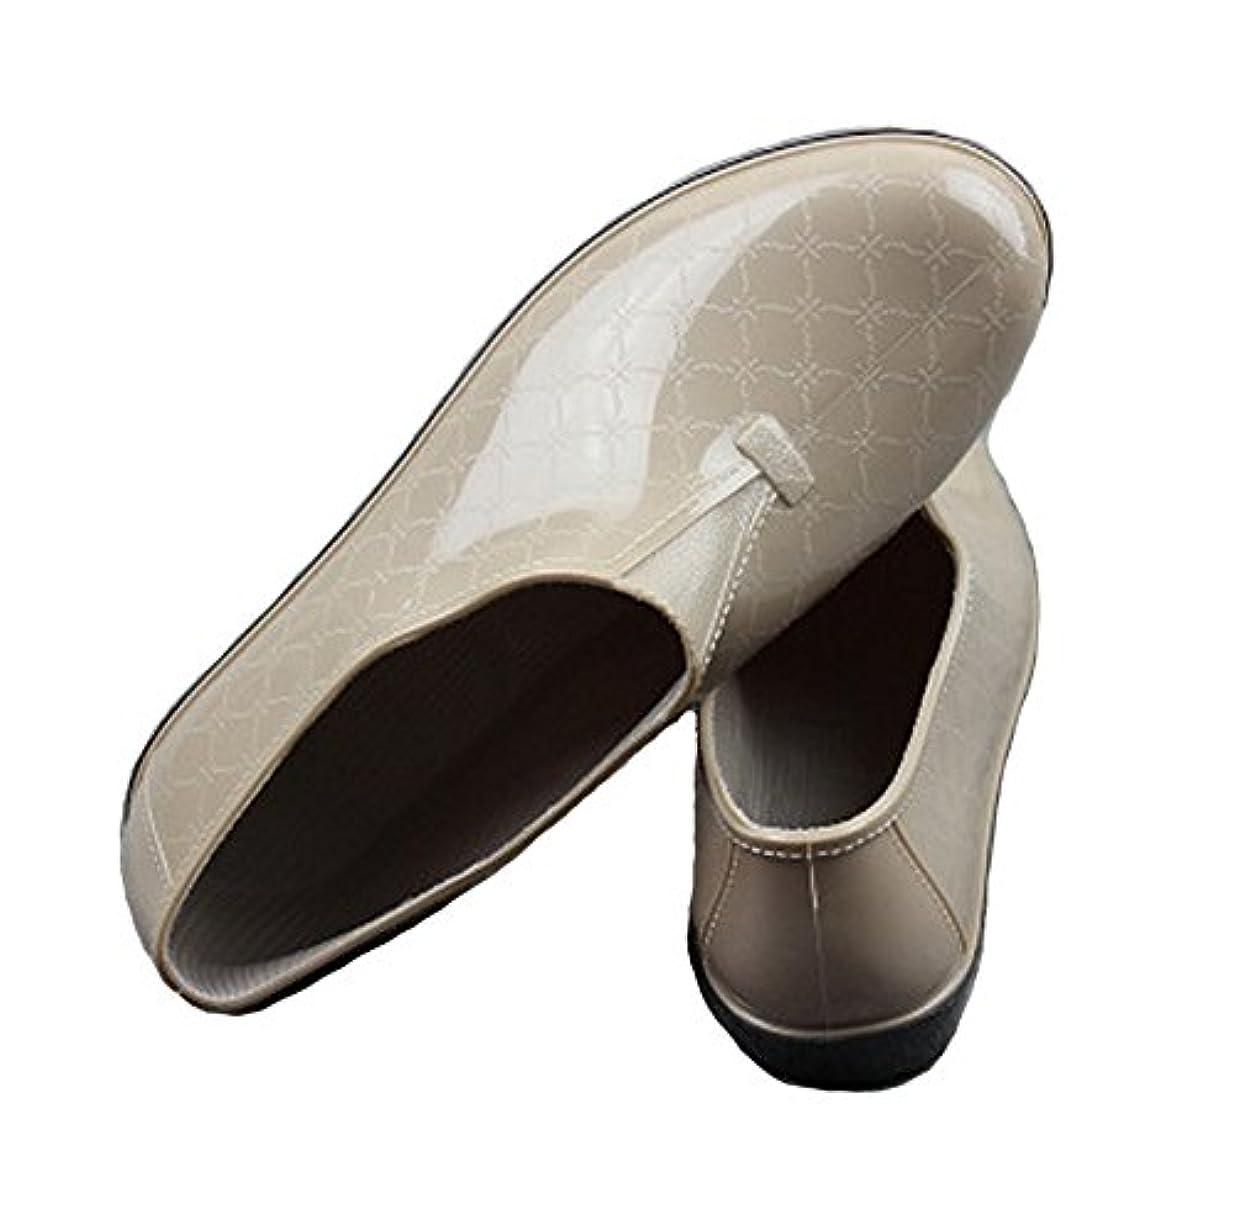 温かいバッジ音節[RSWHYY] レディース レインブーツ ローカット 晴雨兼用 レインシューズ 雨靴 夏 梅雨対策 防水 滑り止め 厨房用 耐油 耐磨 アウトドア ビジネス